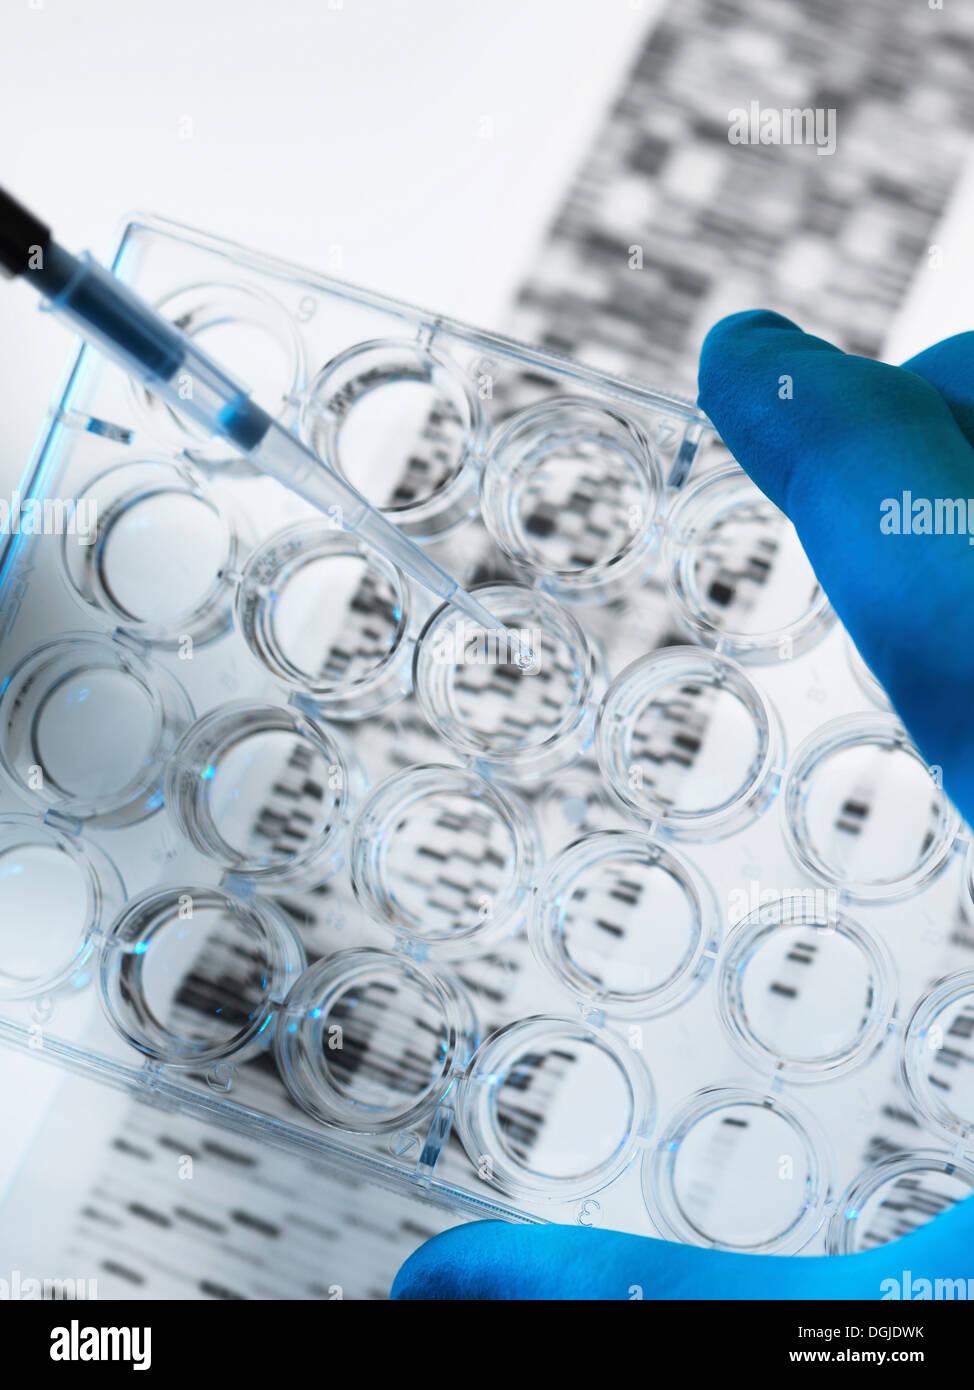 L'échantillon à la pipette dans l'ADN et l'ADN multi plaque avec gel ci-dessous Photo Stock